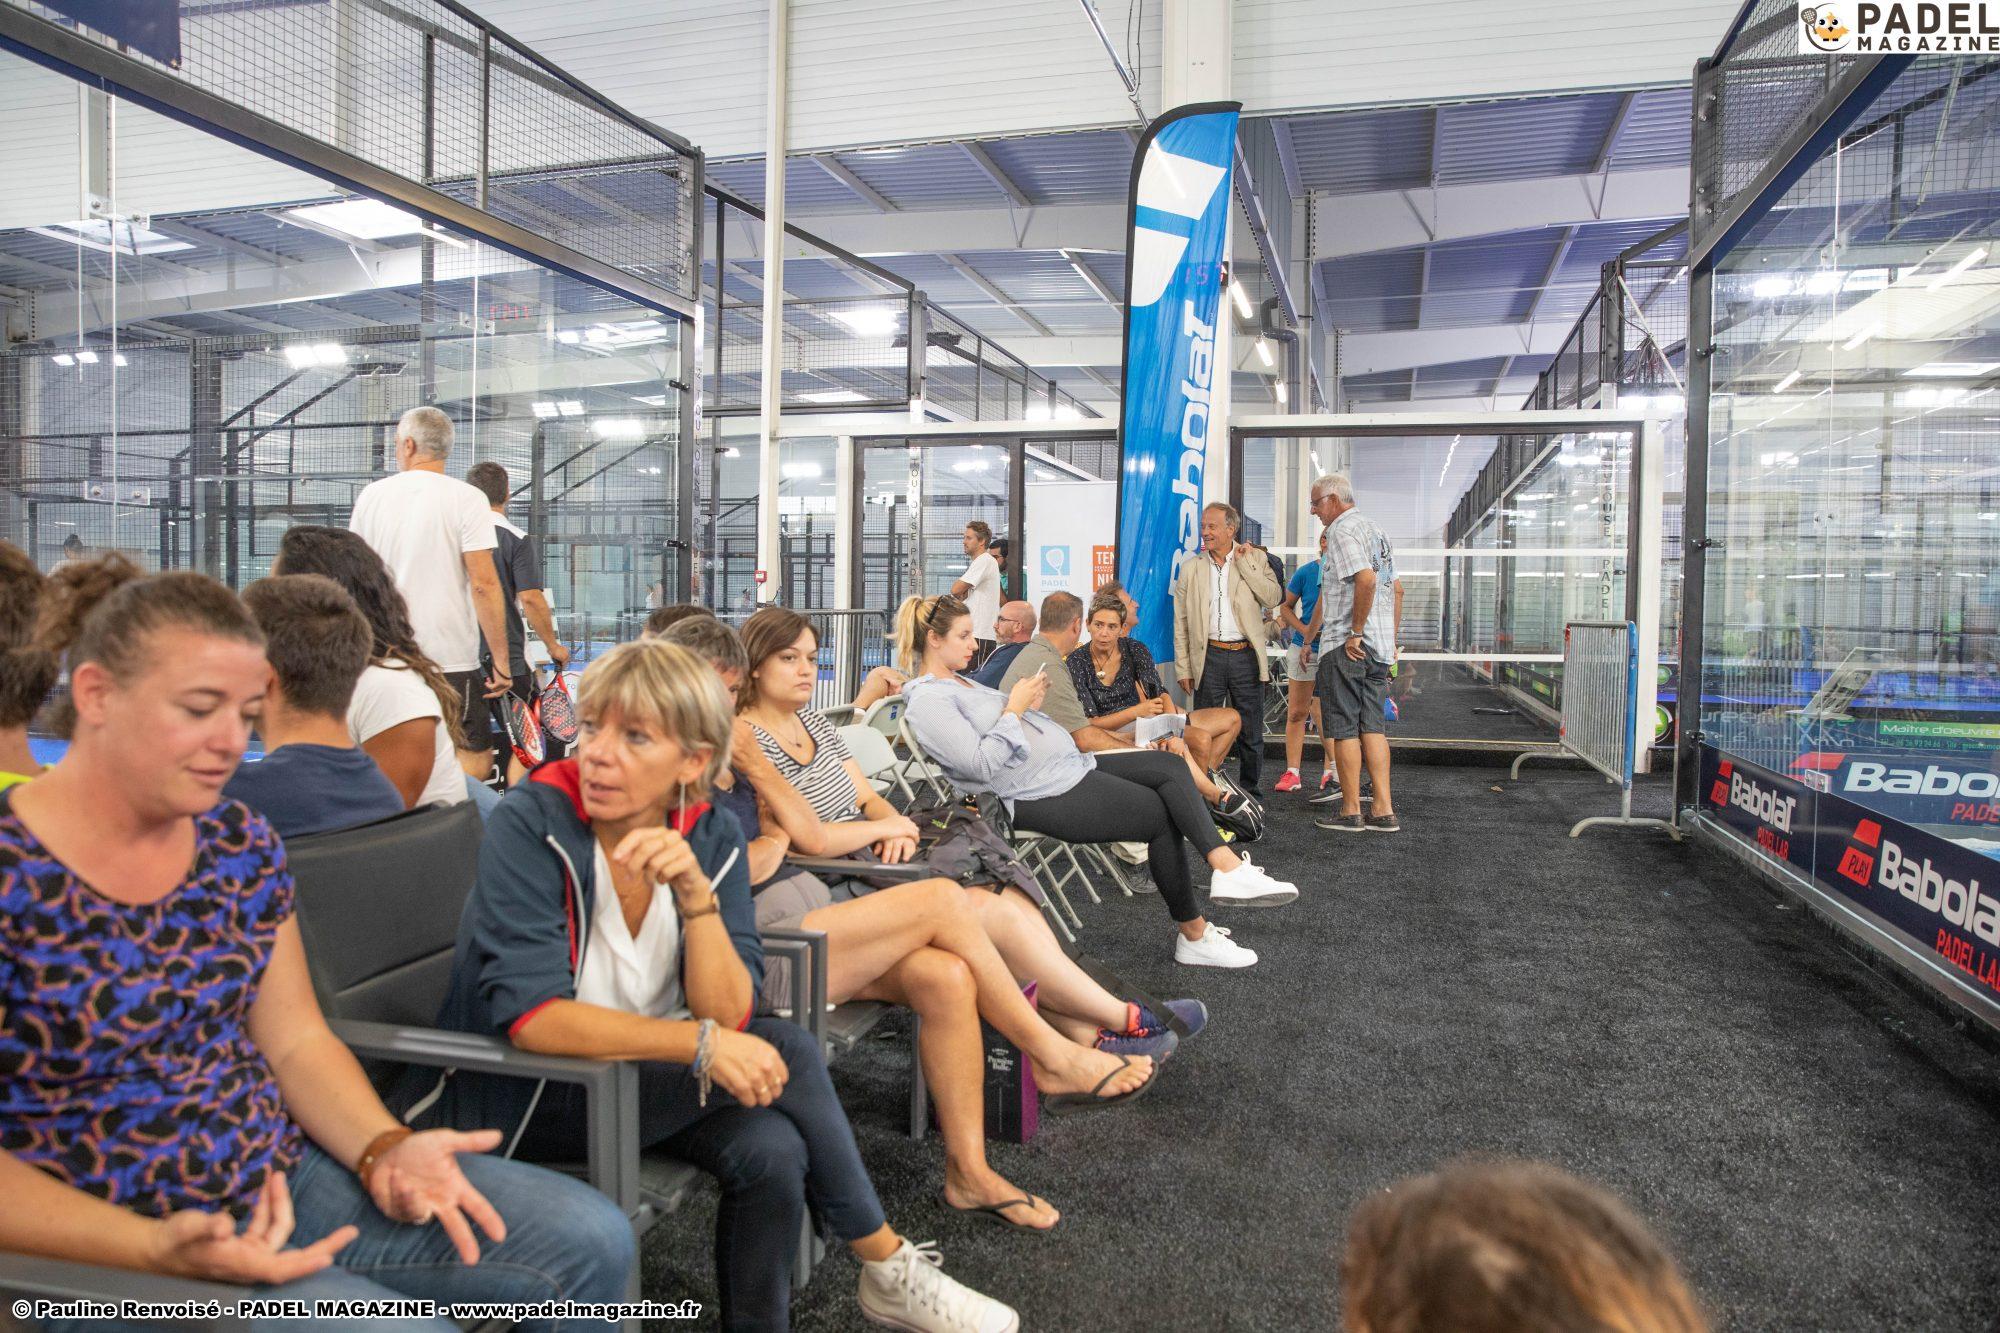 Résultats 8e – Championnats de France de padel 2018